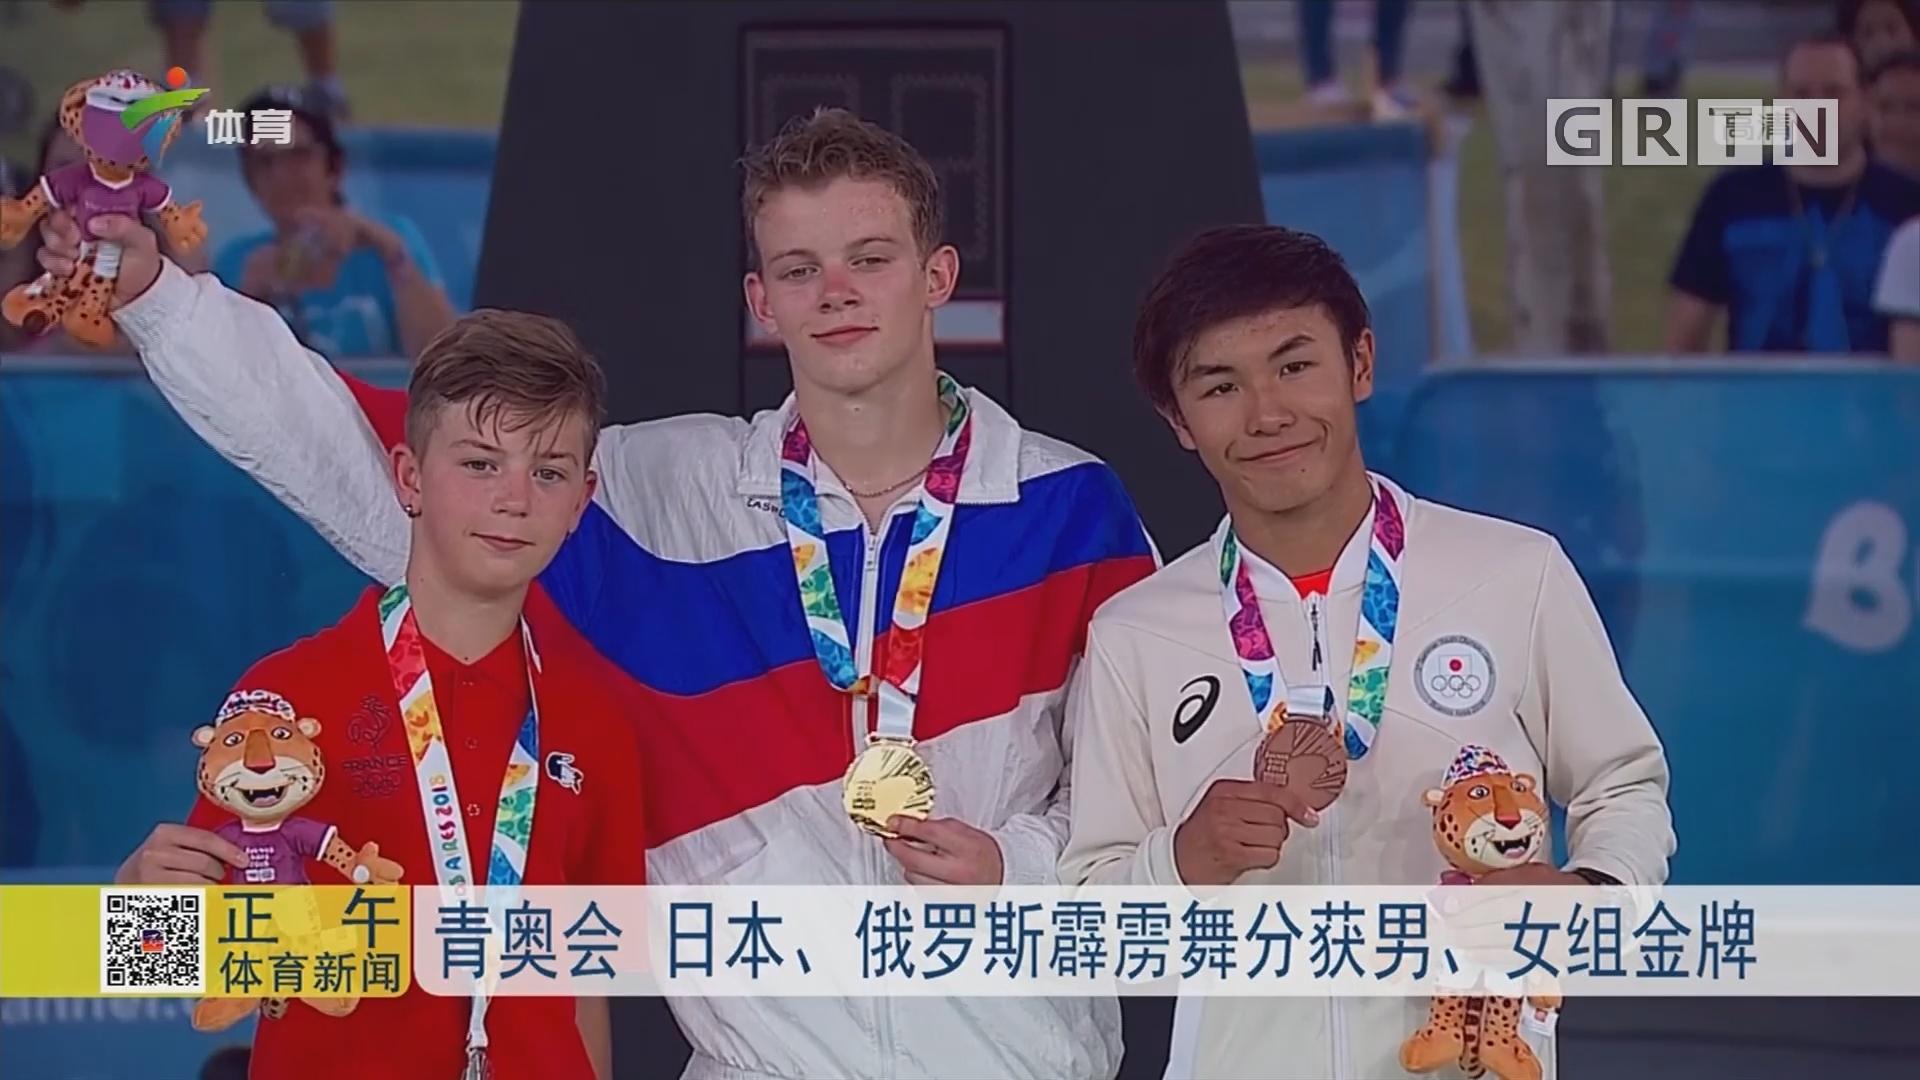 青奥会 日本、俄罗斯霹雳舞分获男、女组金牌